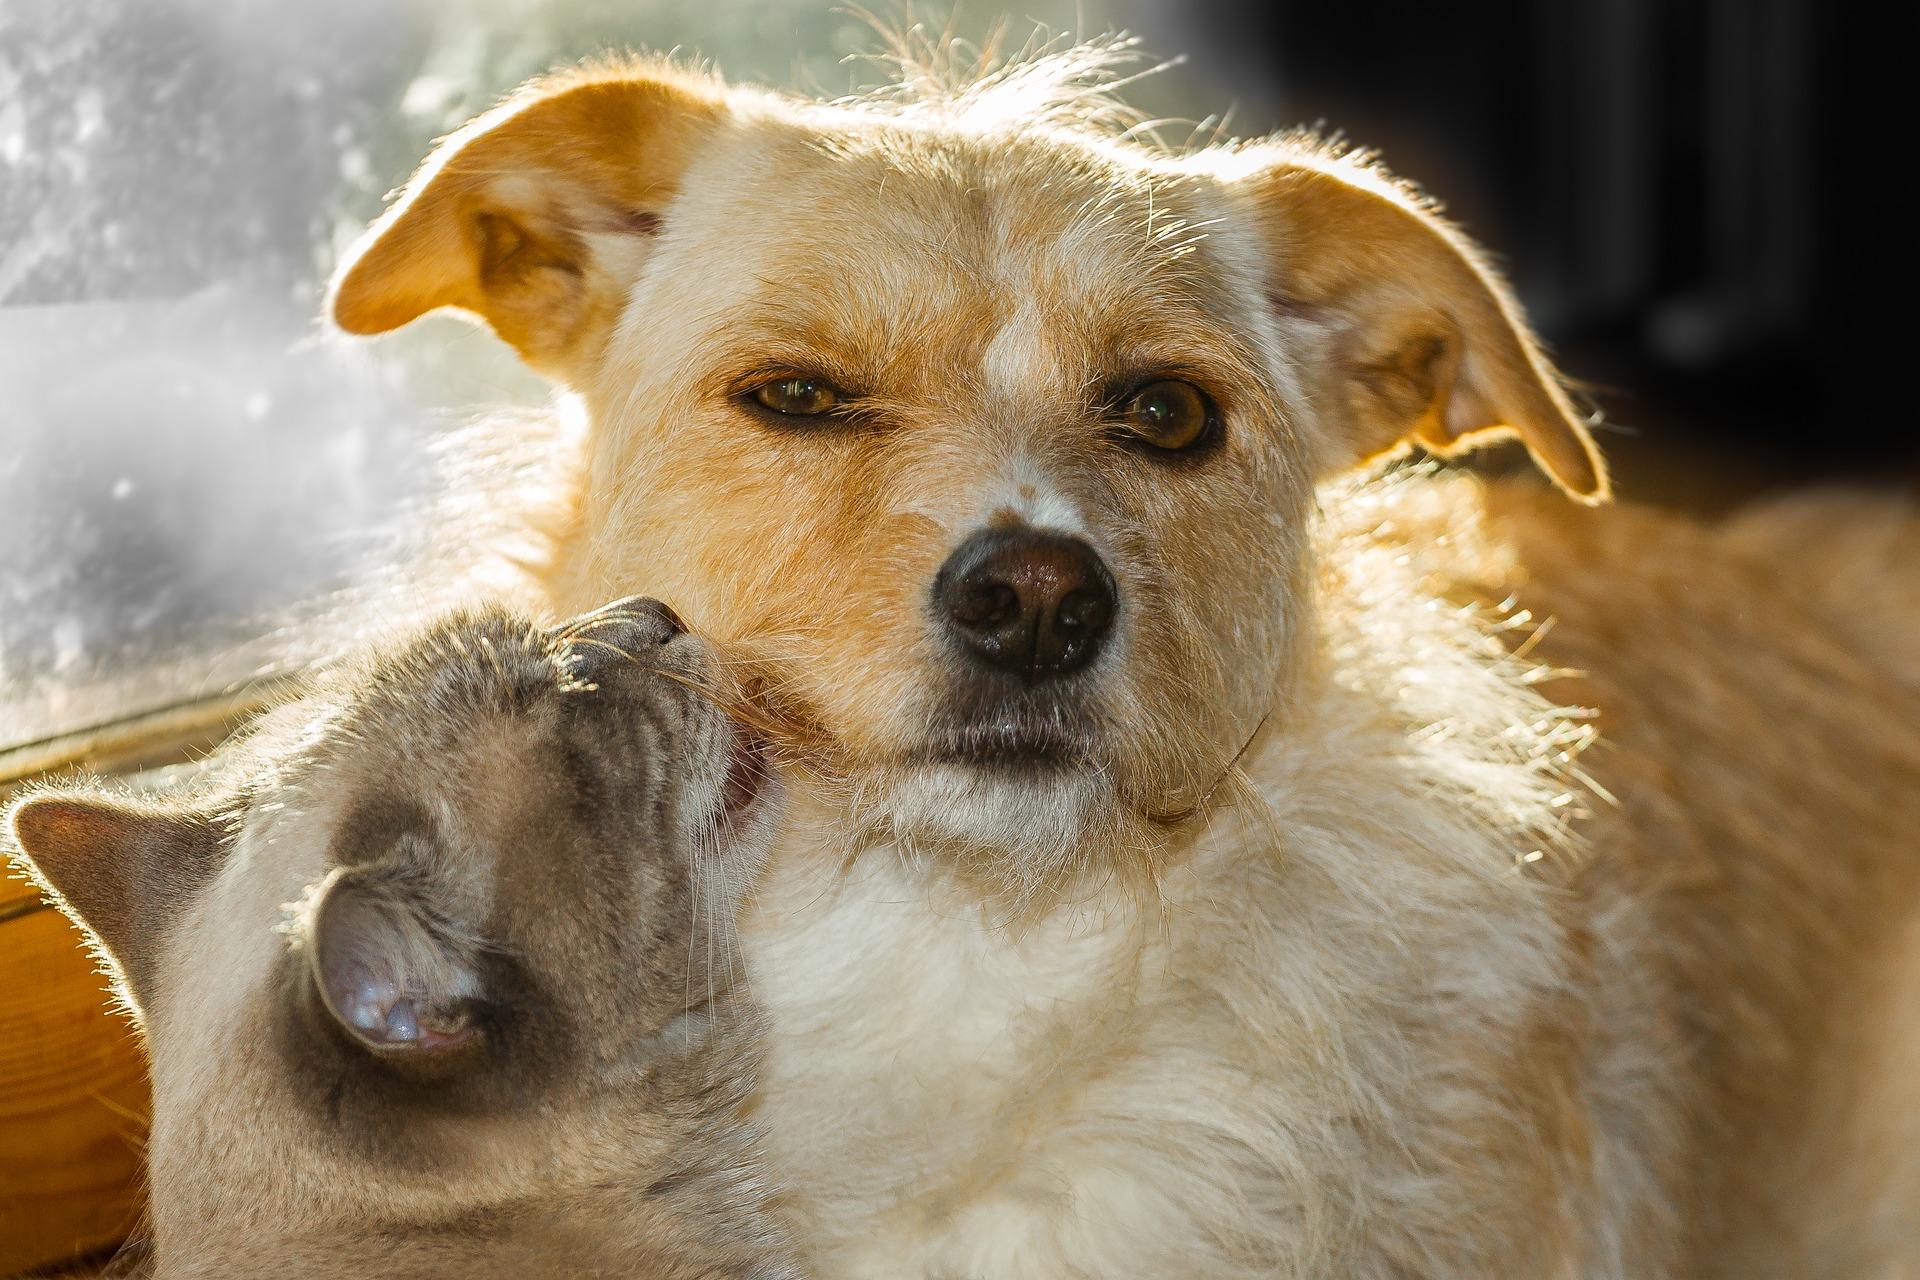 犬や猫の皮膚が赤い、黒い、かさぶた、ニキビ、湿疹、できものの分類と問題点